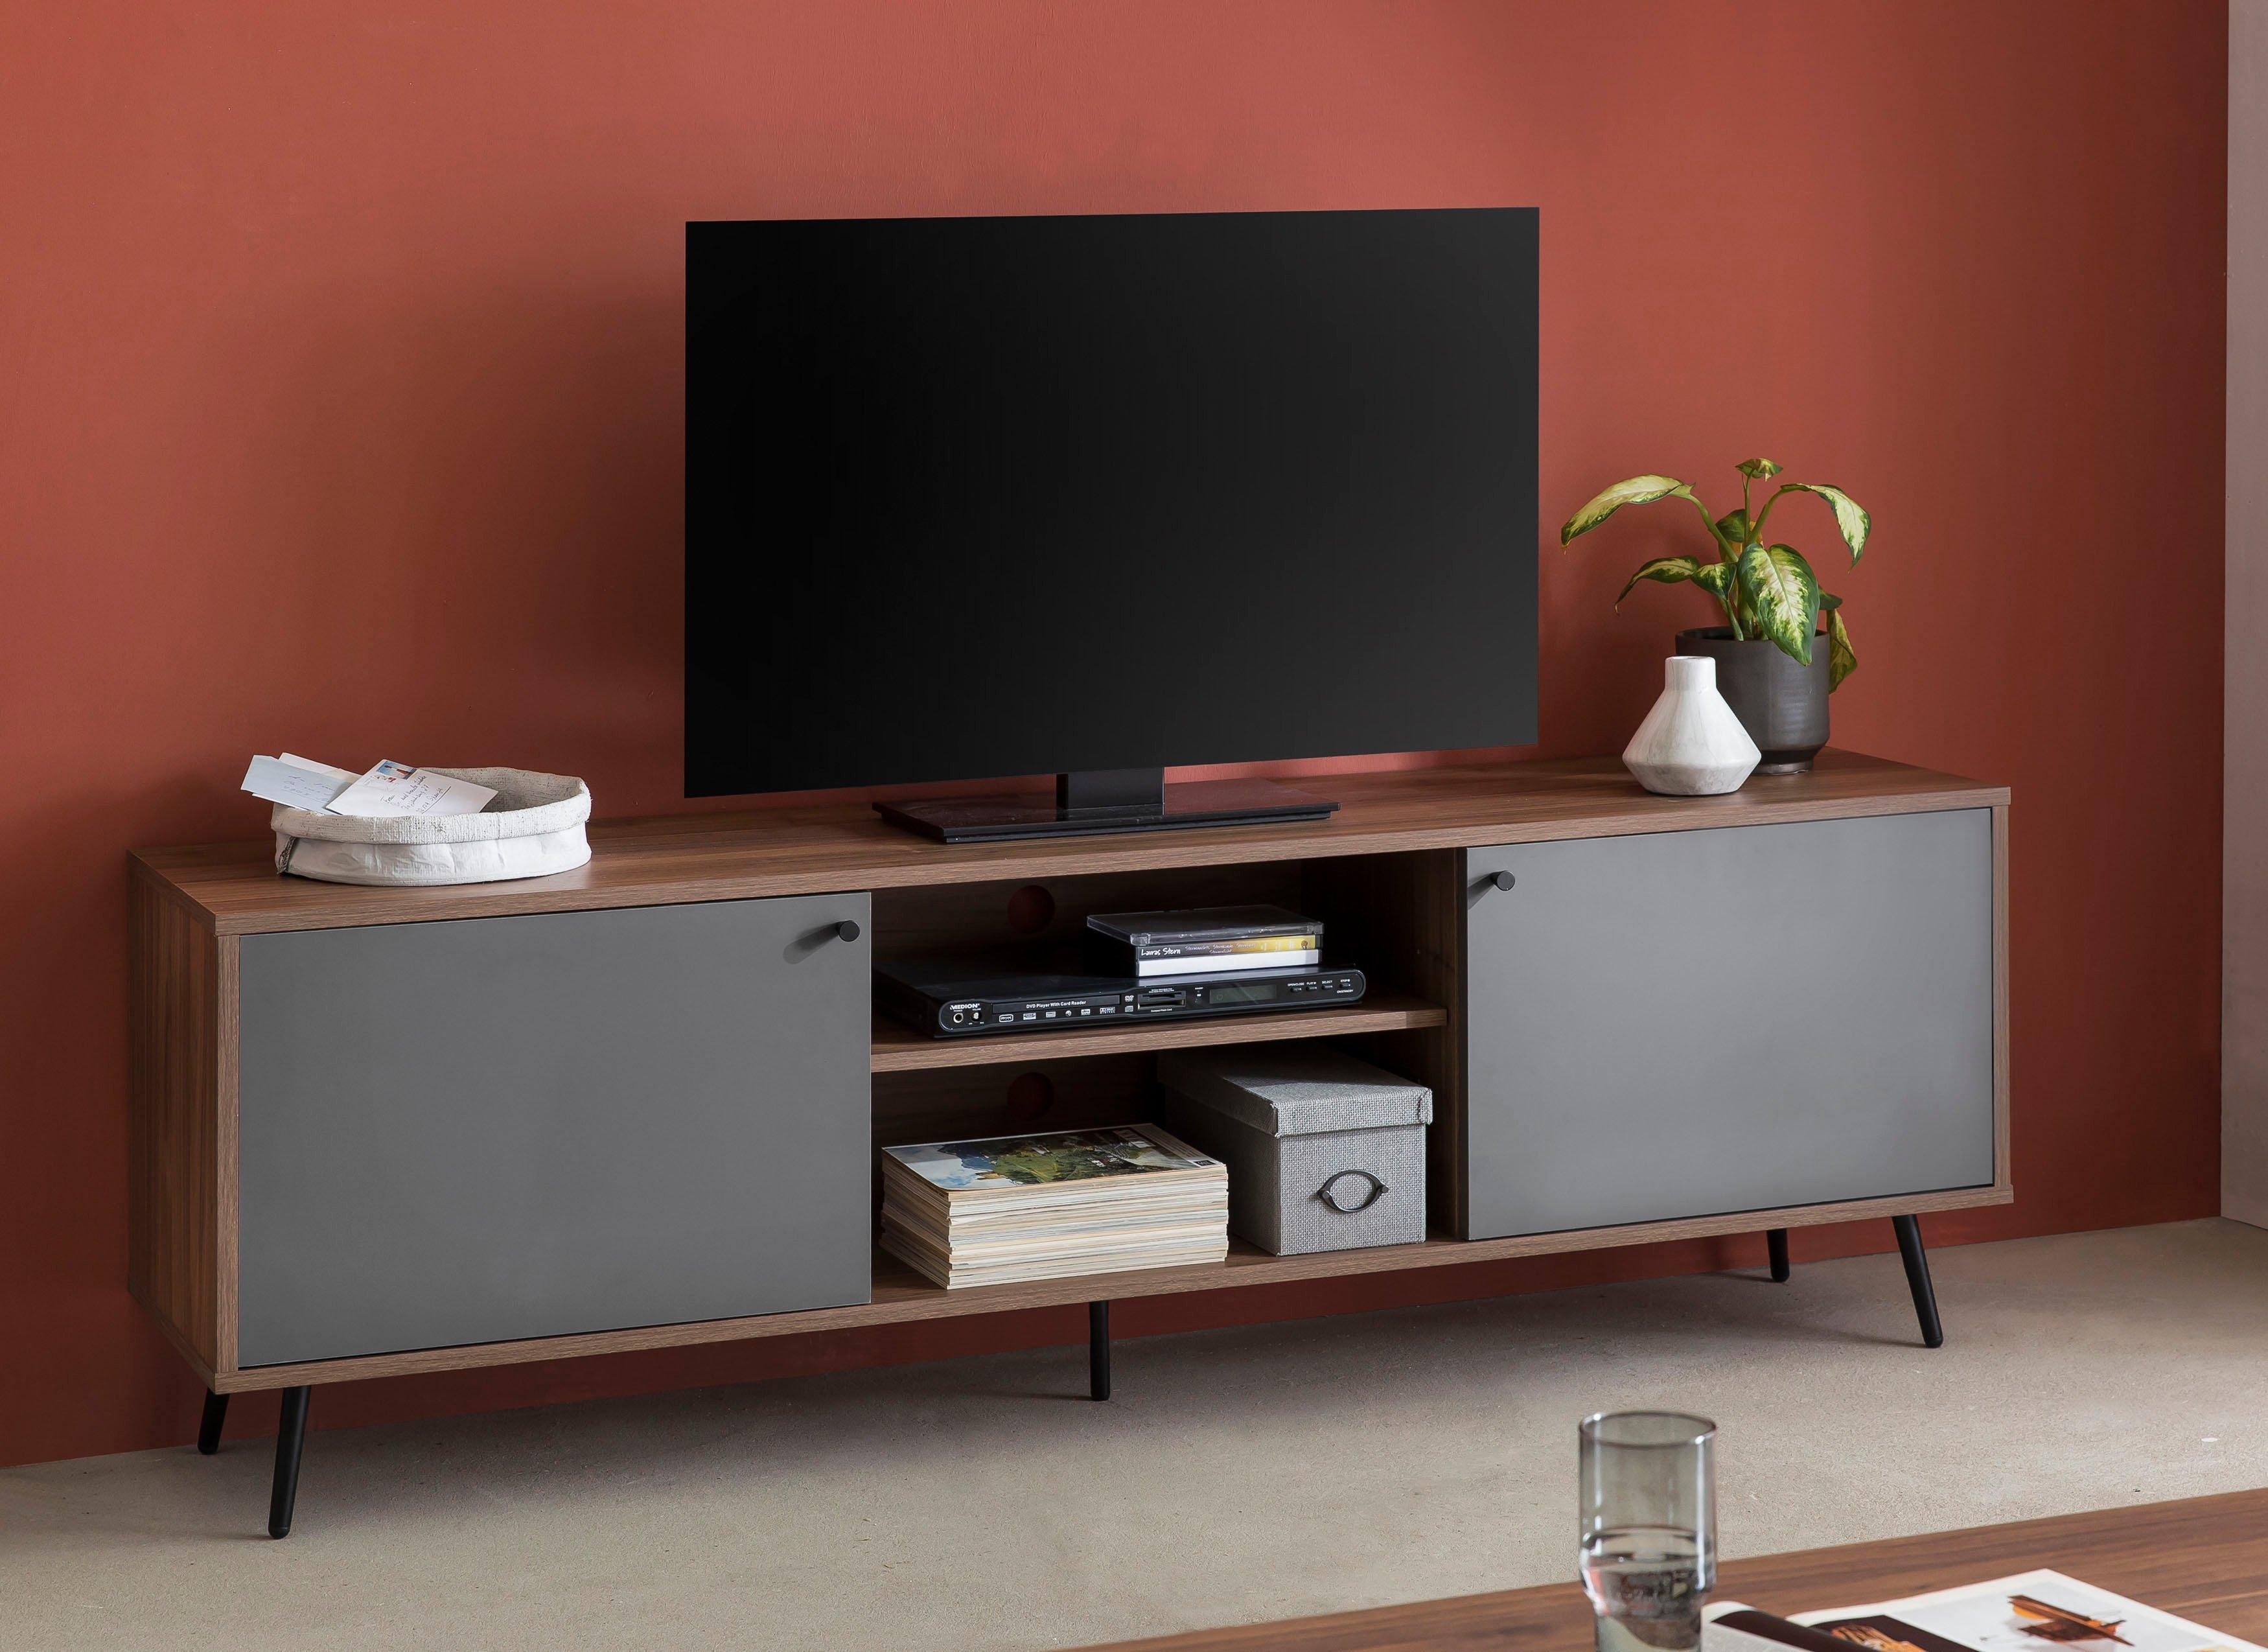 SalesFever tv-meubel in moderne kleurencombinatie van walnoot en grijs, tv-tafel voordelig en veilig online kopen